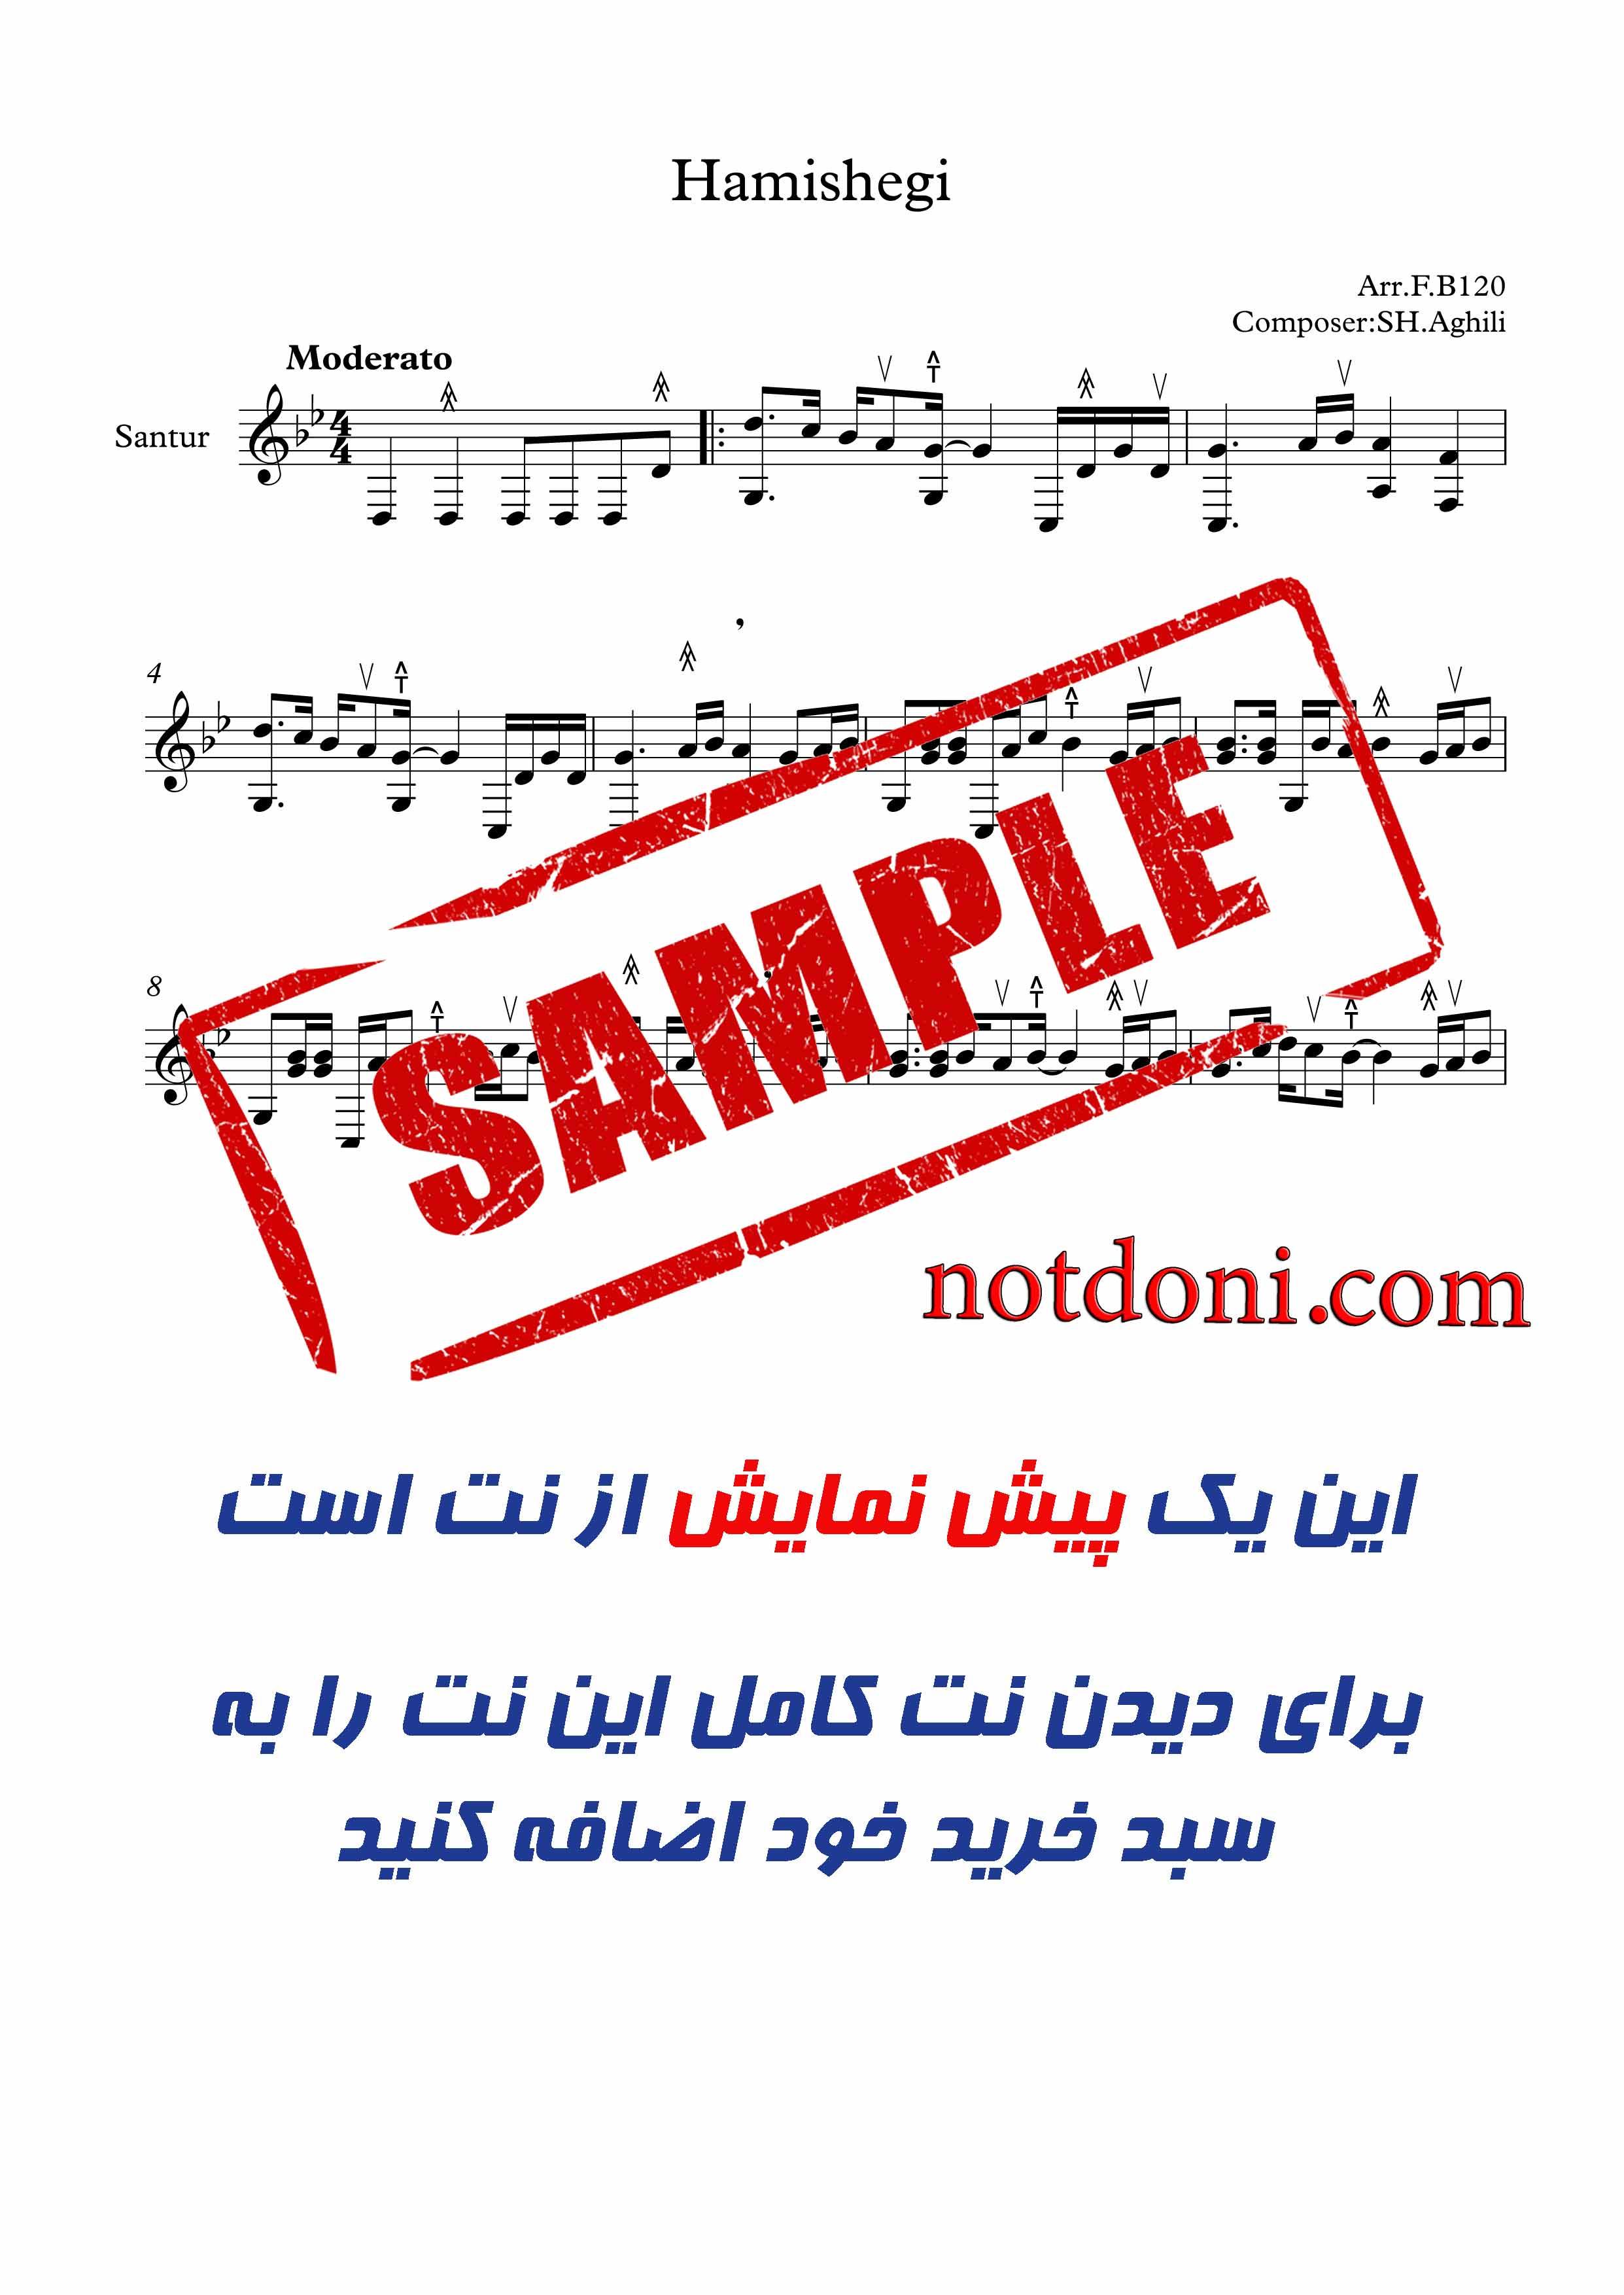 43d1d511-8ade-4c64-9a8e-30b179199801_دموی-نت-آهنگ-همیشگی-سنتور.jpg